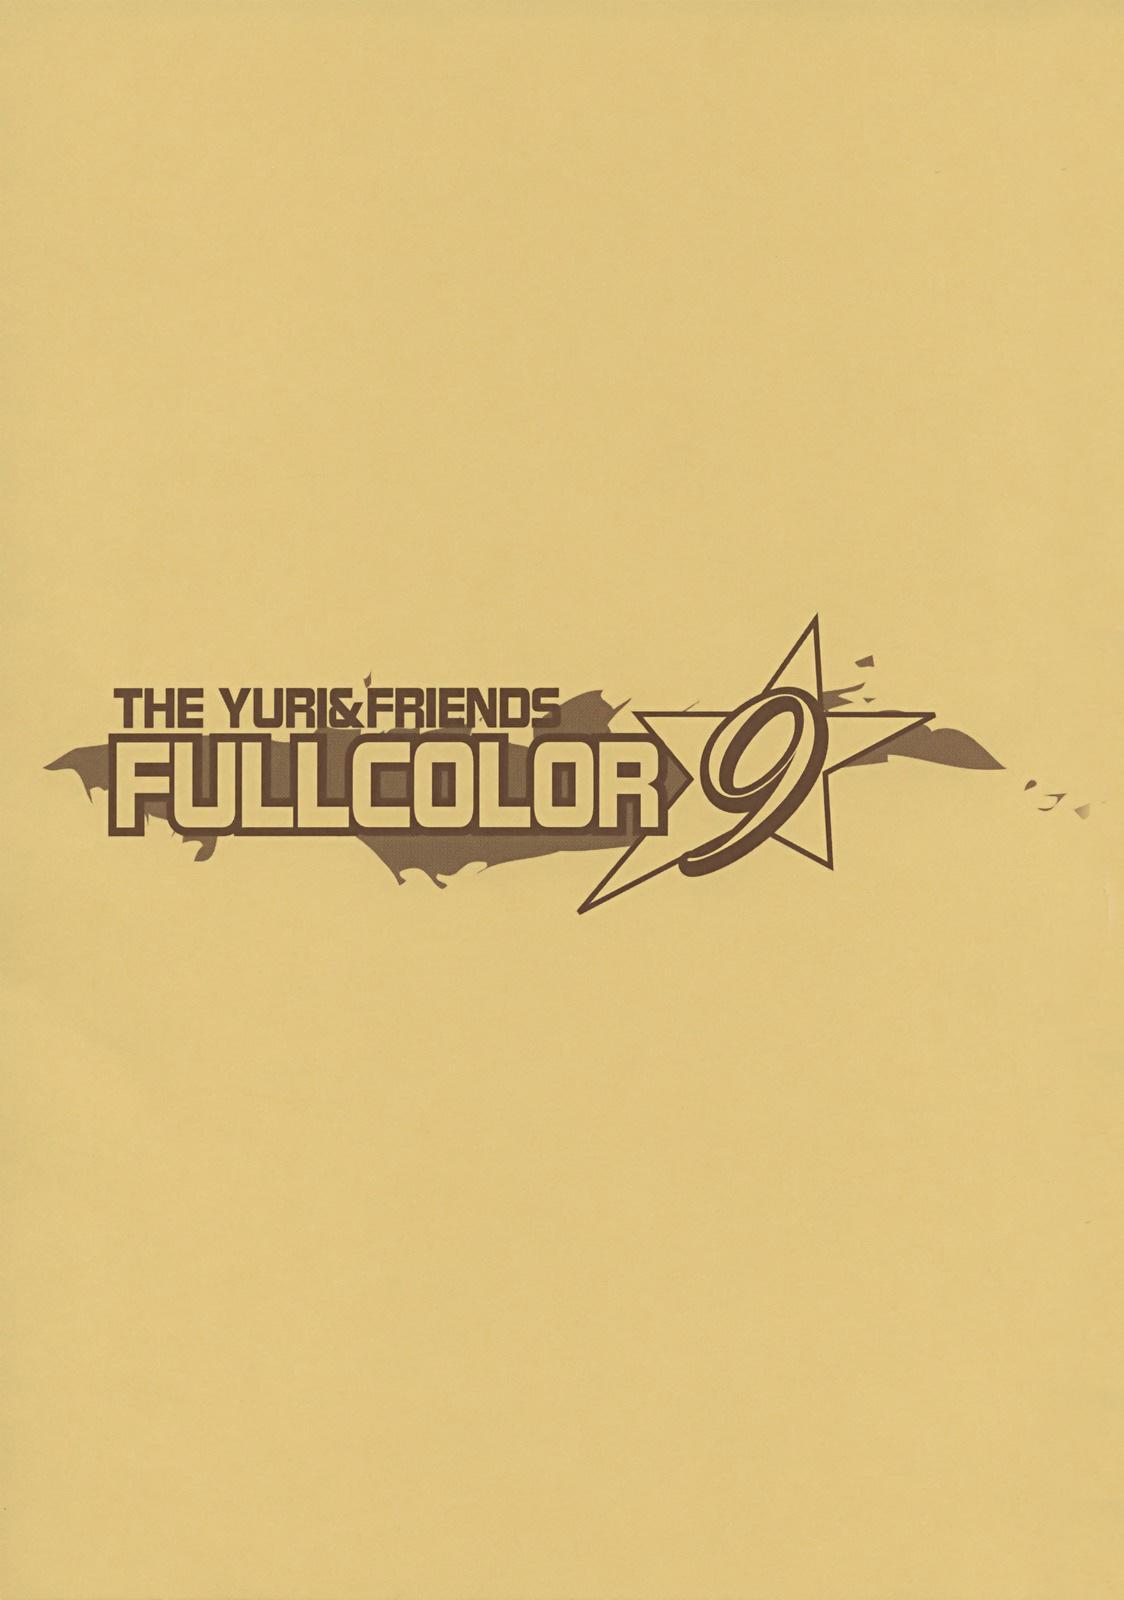 THE YURI & FRIENDS FULLCOLOR 9 1